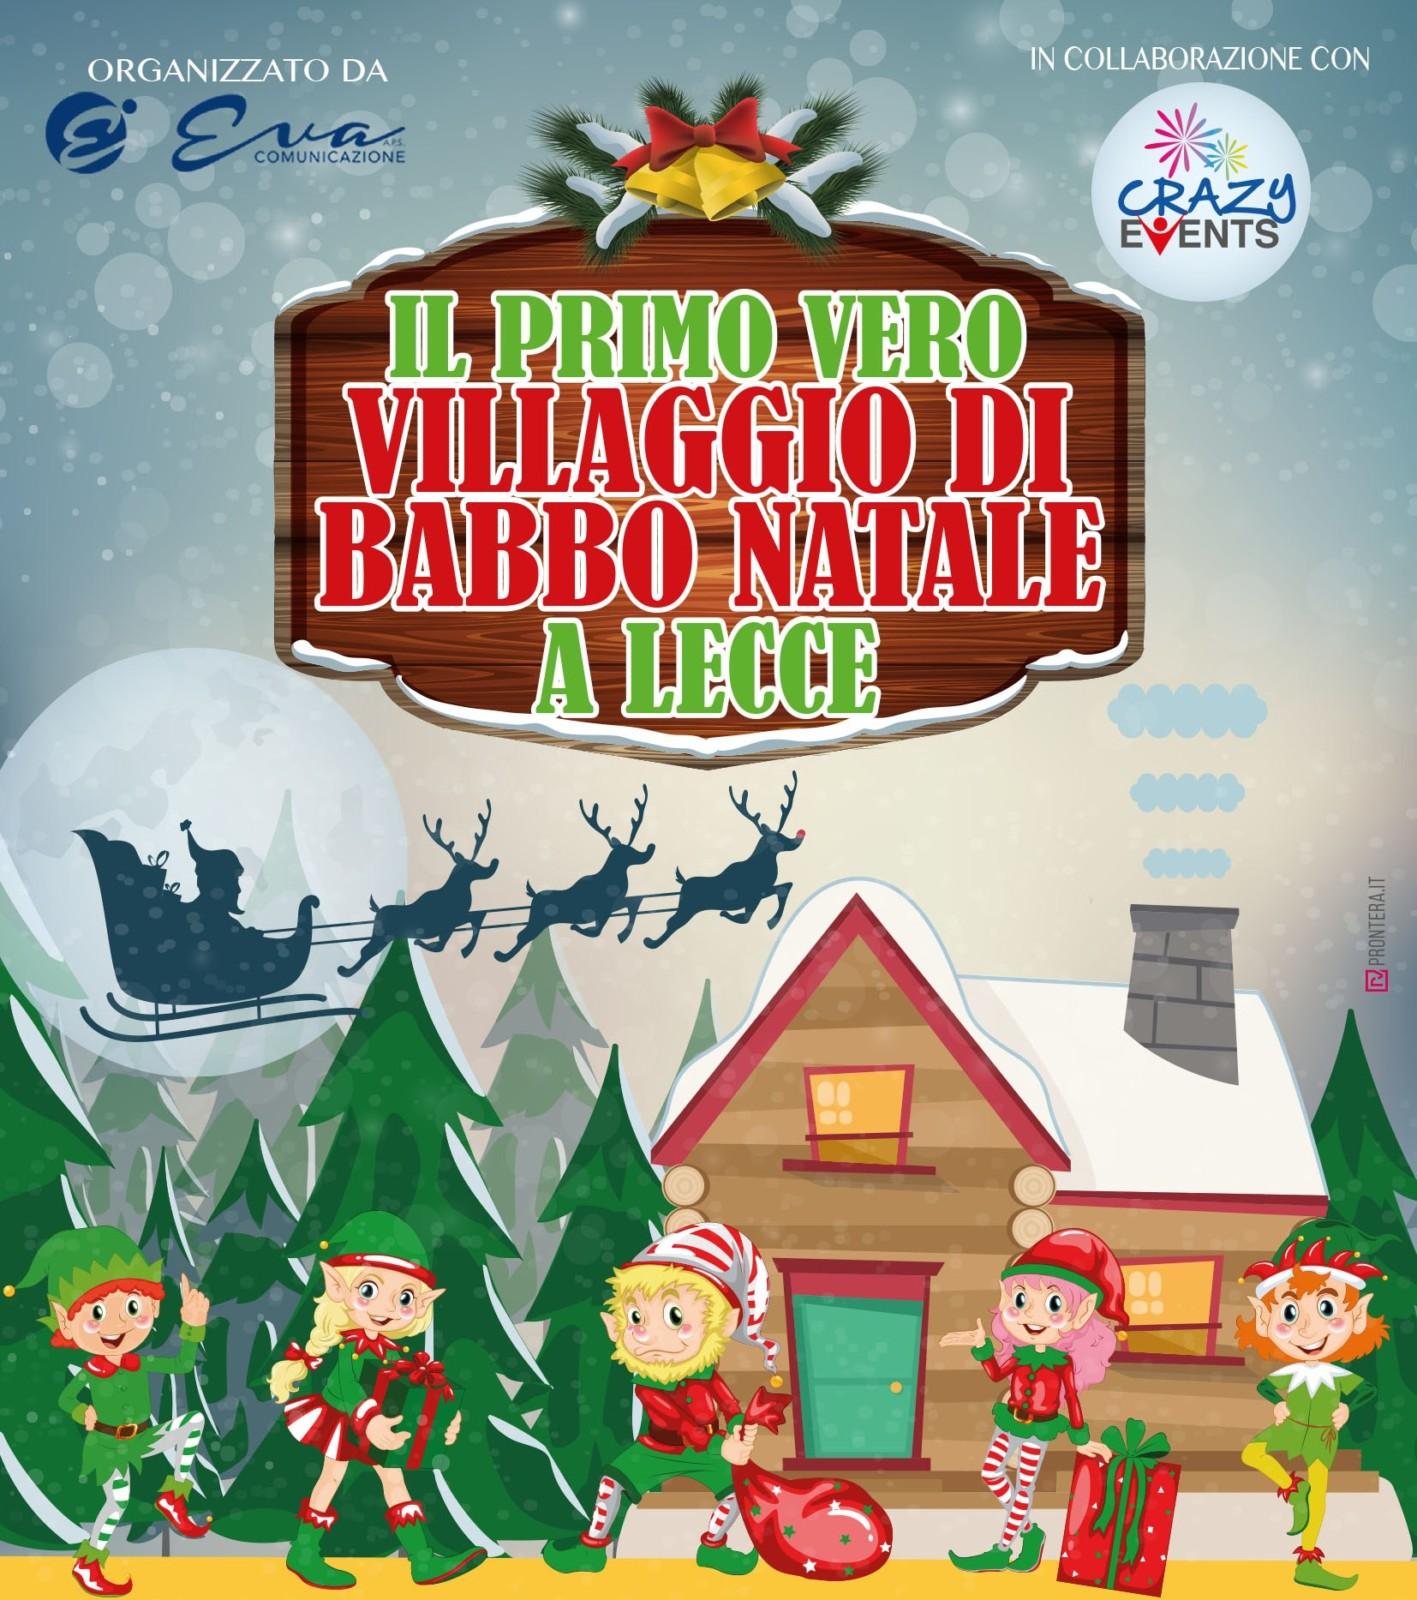 Babbo Natale Italy.Il Villaggio Di Babbo Natale A Lecce Ditutto Official Site Italy